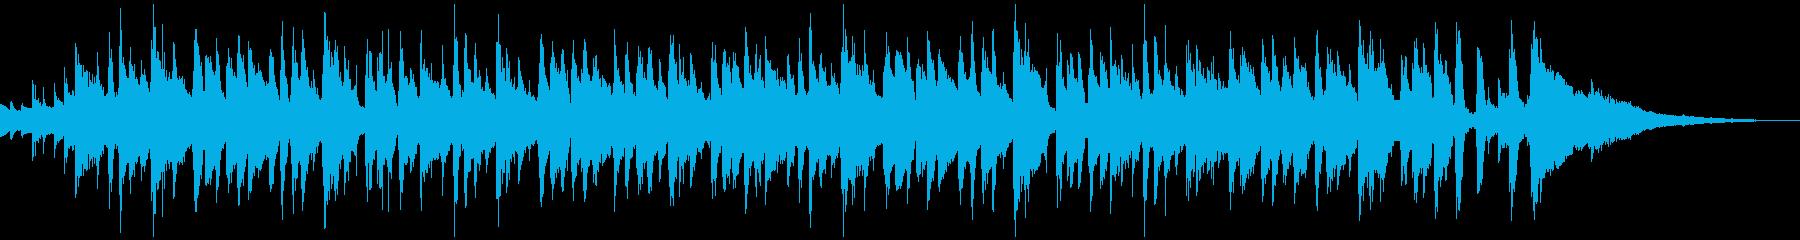 爽やか・おしゃれボサノバ/30秒の再生済みの波形